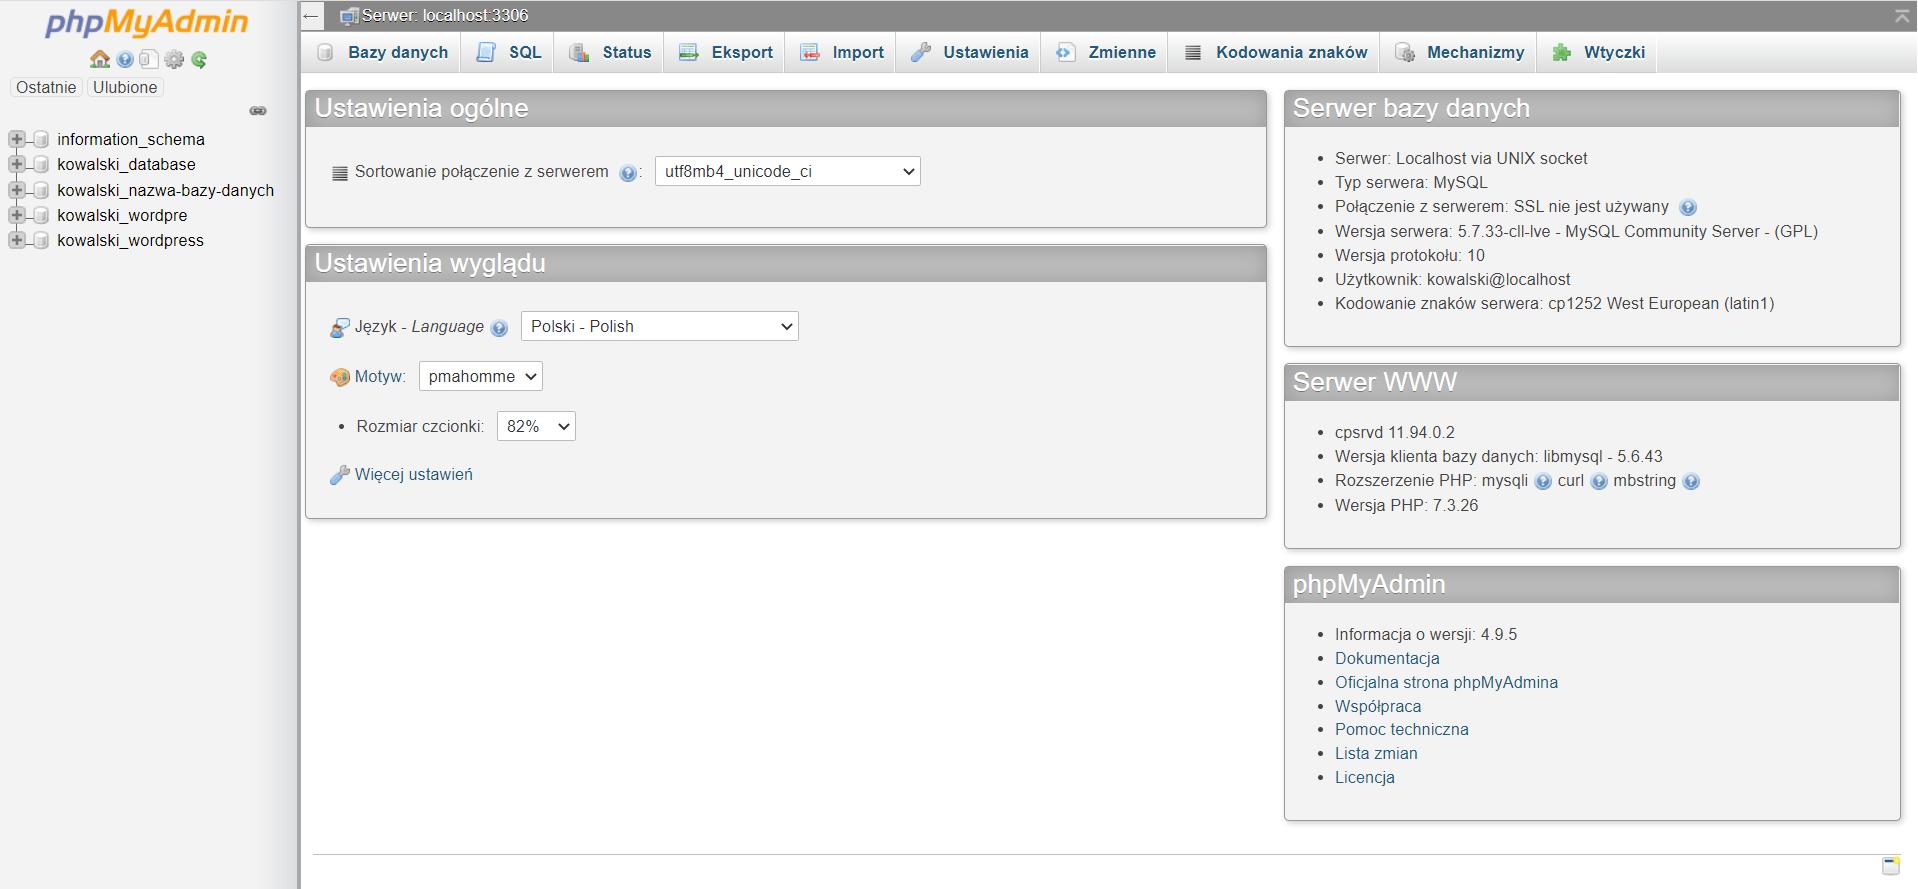 Jak zbudowany jest główny ekran phpMyAdmin (po zalogowaniu)?